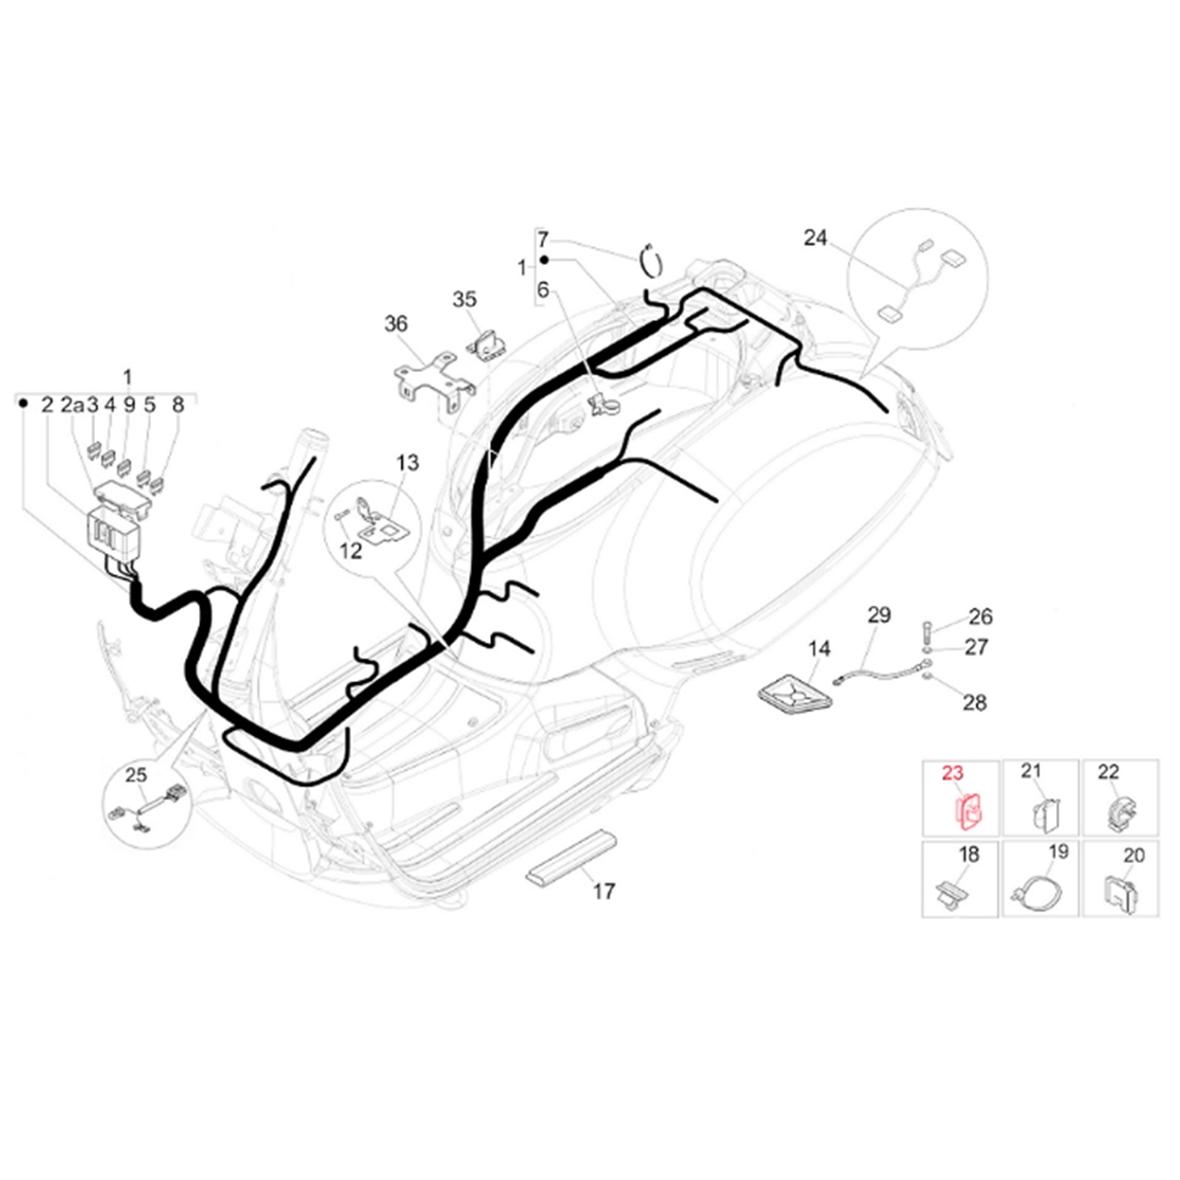 Clip PIAGGIO wiring loom for Vespa GTS/GTS Super/GTV/946